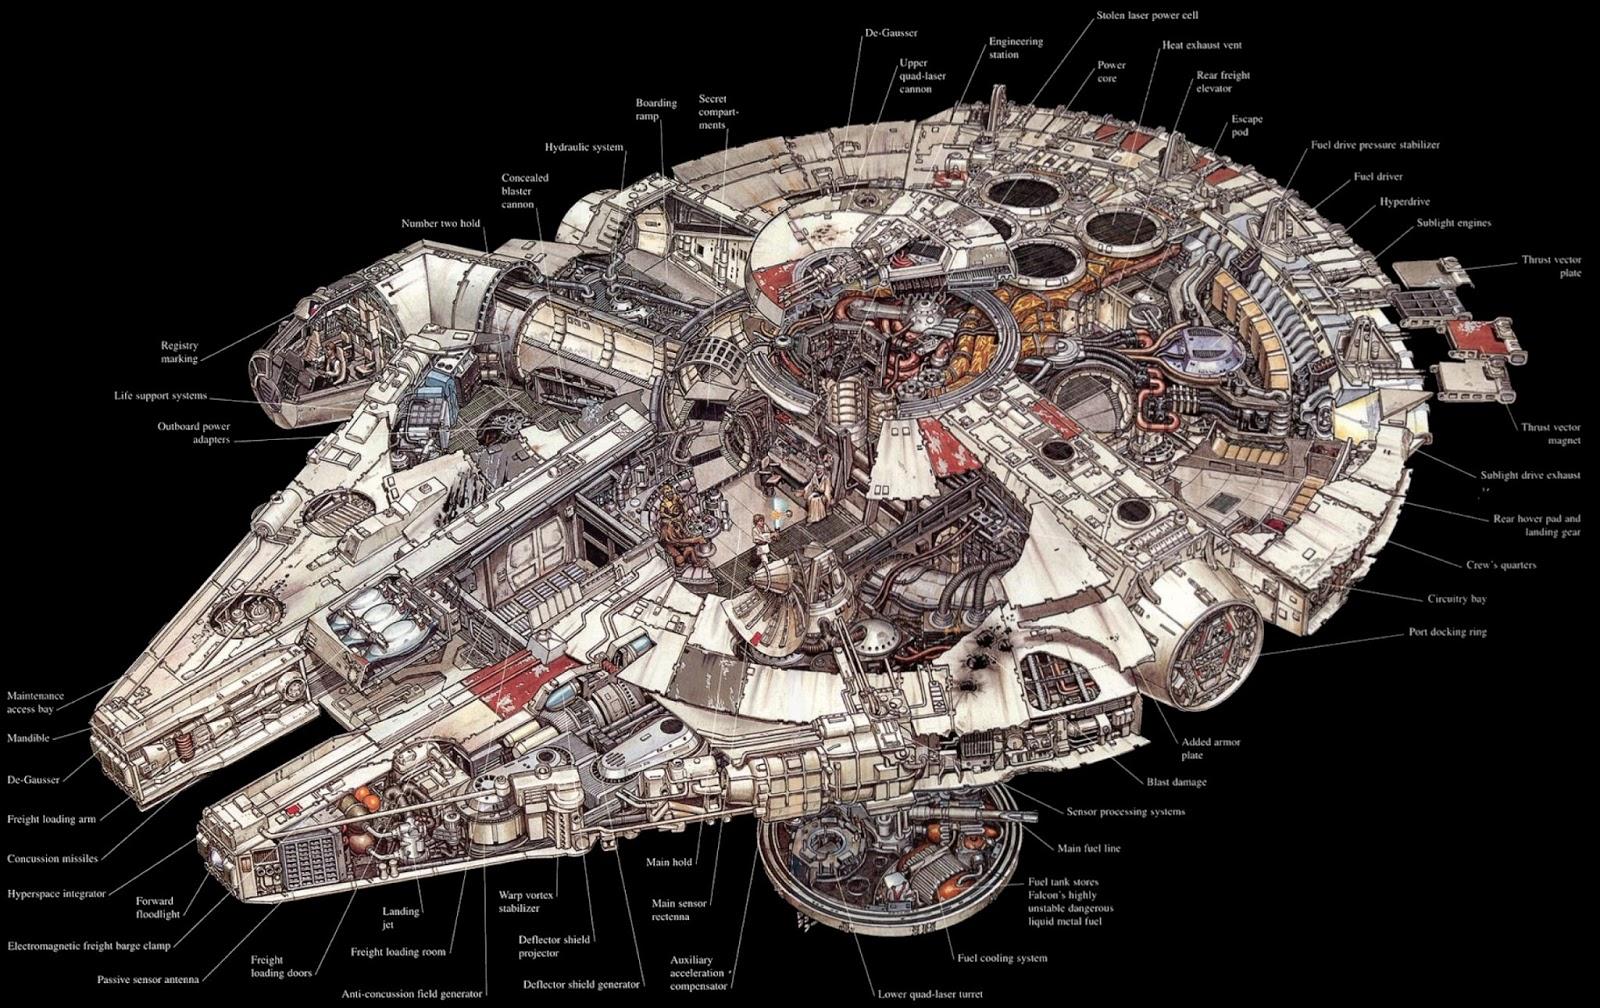 http://1.bp.blogspot.com/-vENg5nf47OM/UPHn95HHa6I/AAAAAAAACi0/rt7lrrHQoT4/s1600/millennium-falcon-crross-section.jpg